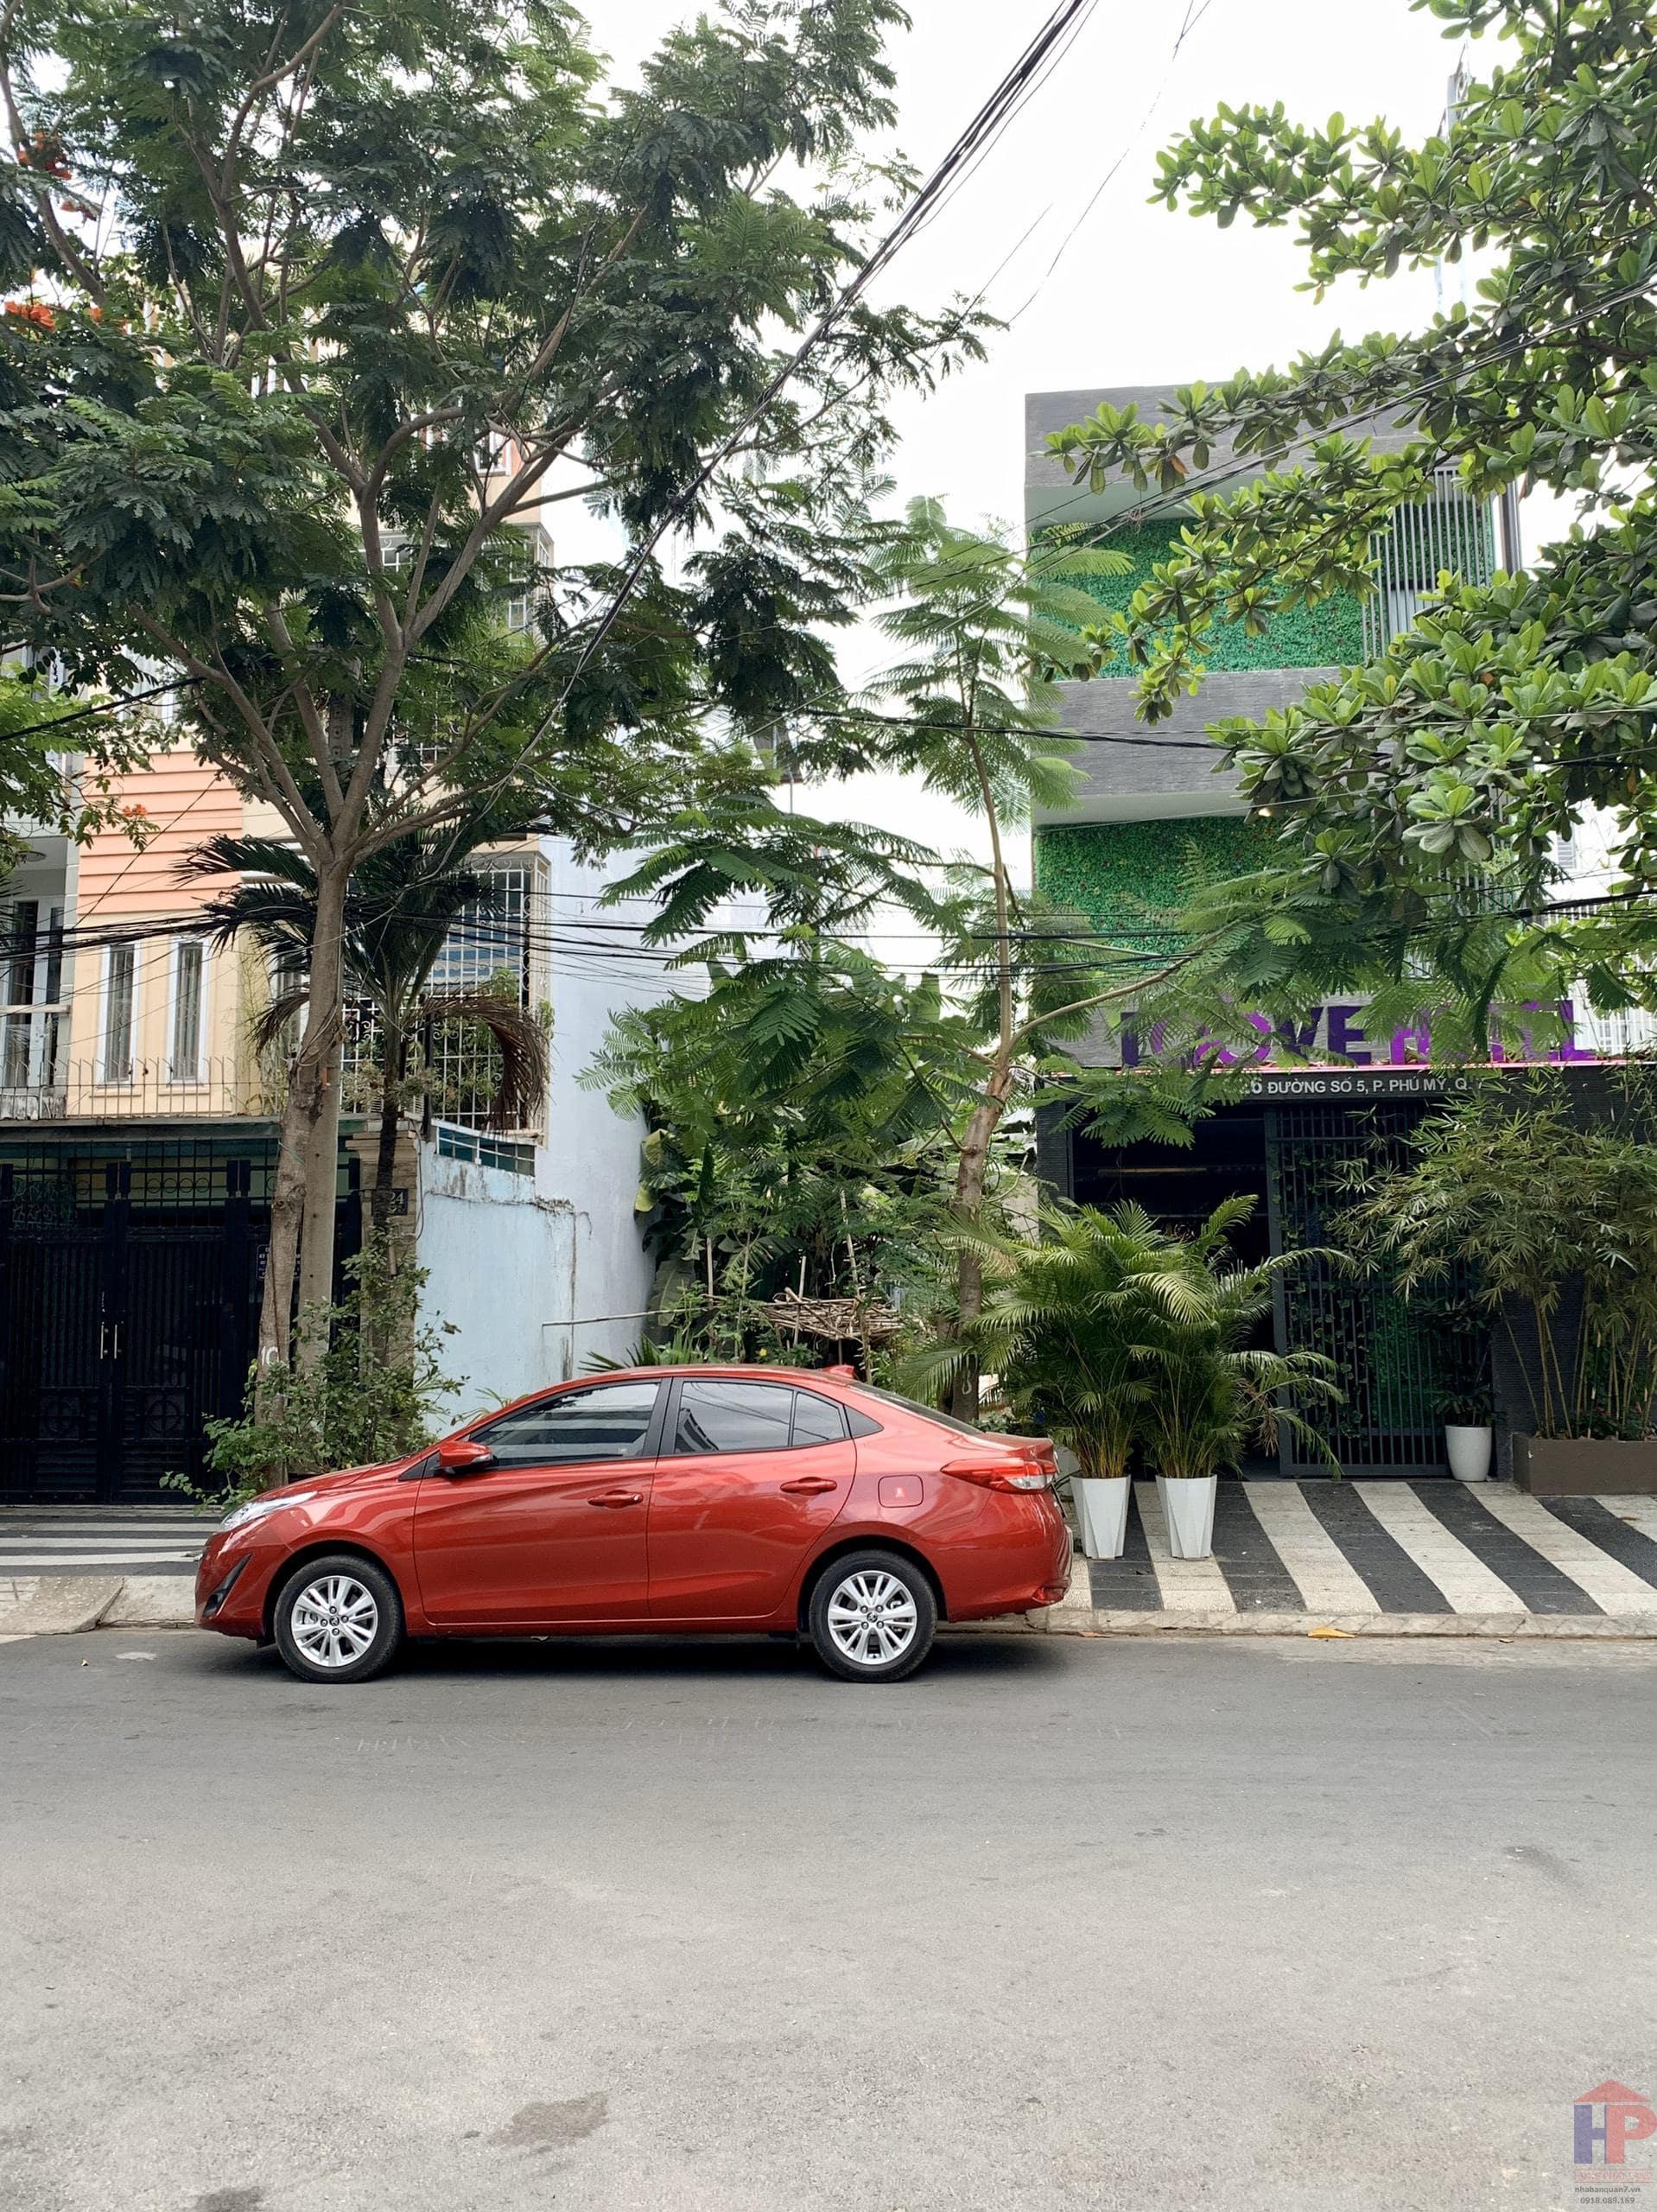 Bán đất phường Phú Mỹ, Quận 7, đường số 5, DT 5x25m, giá 7.9 tỷ